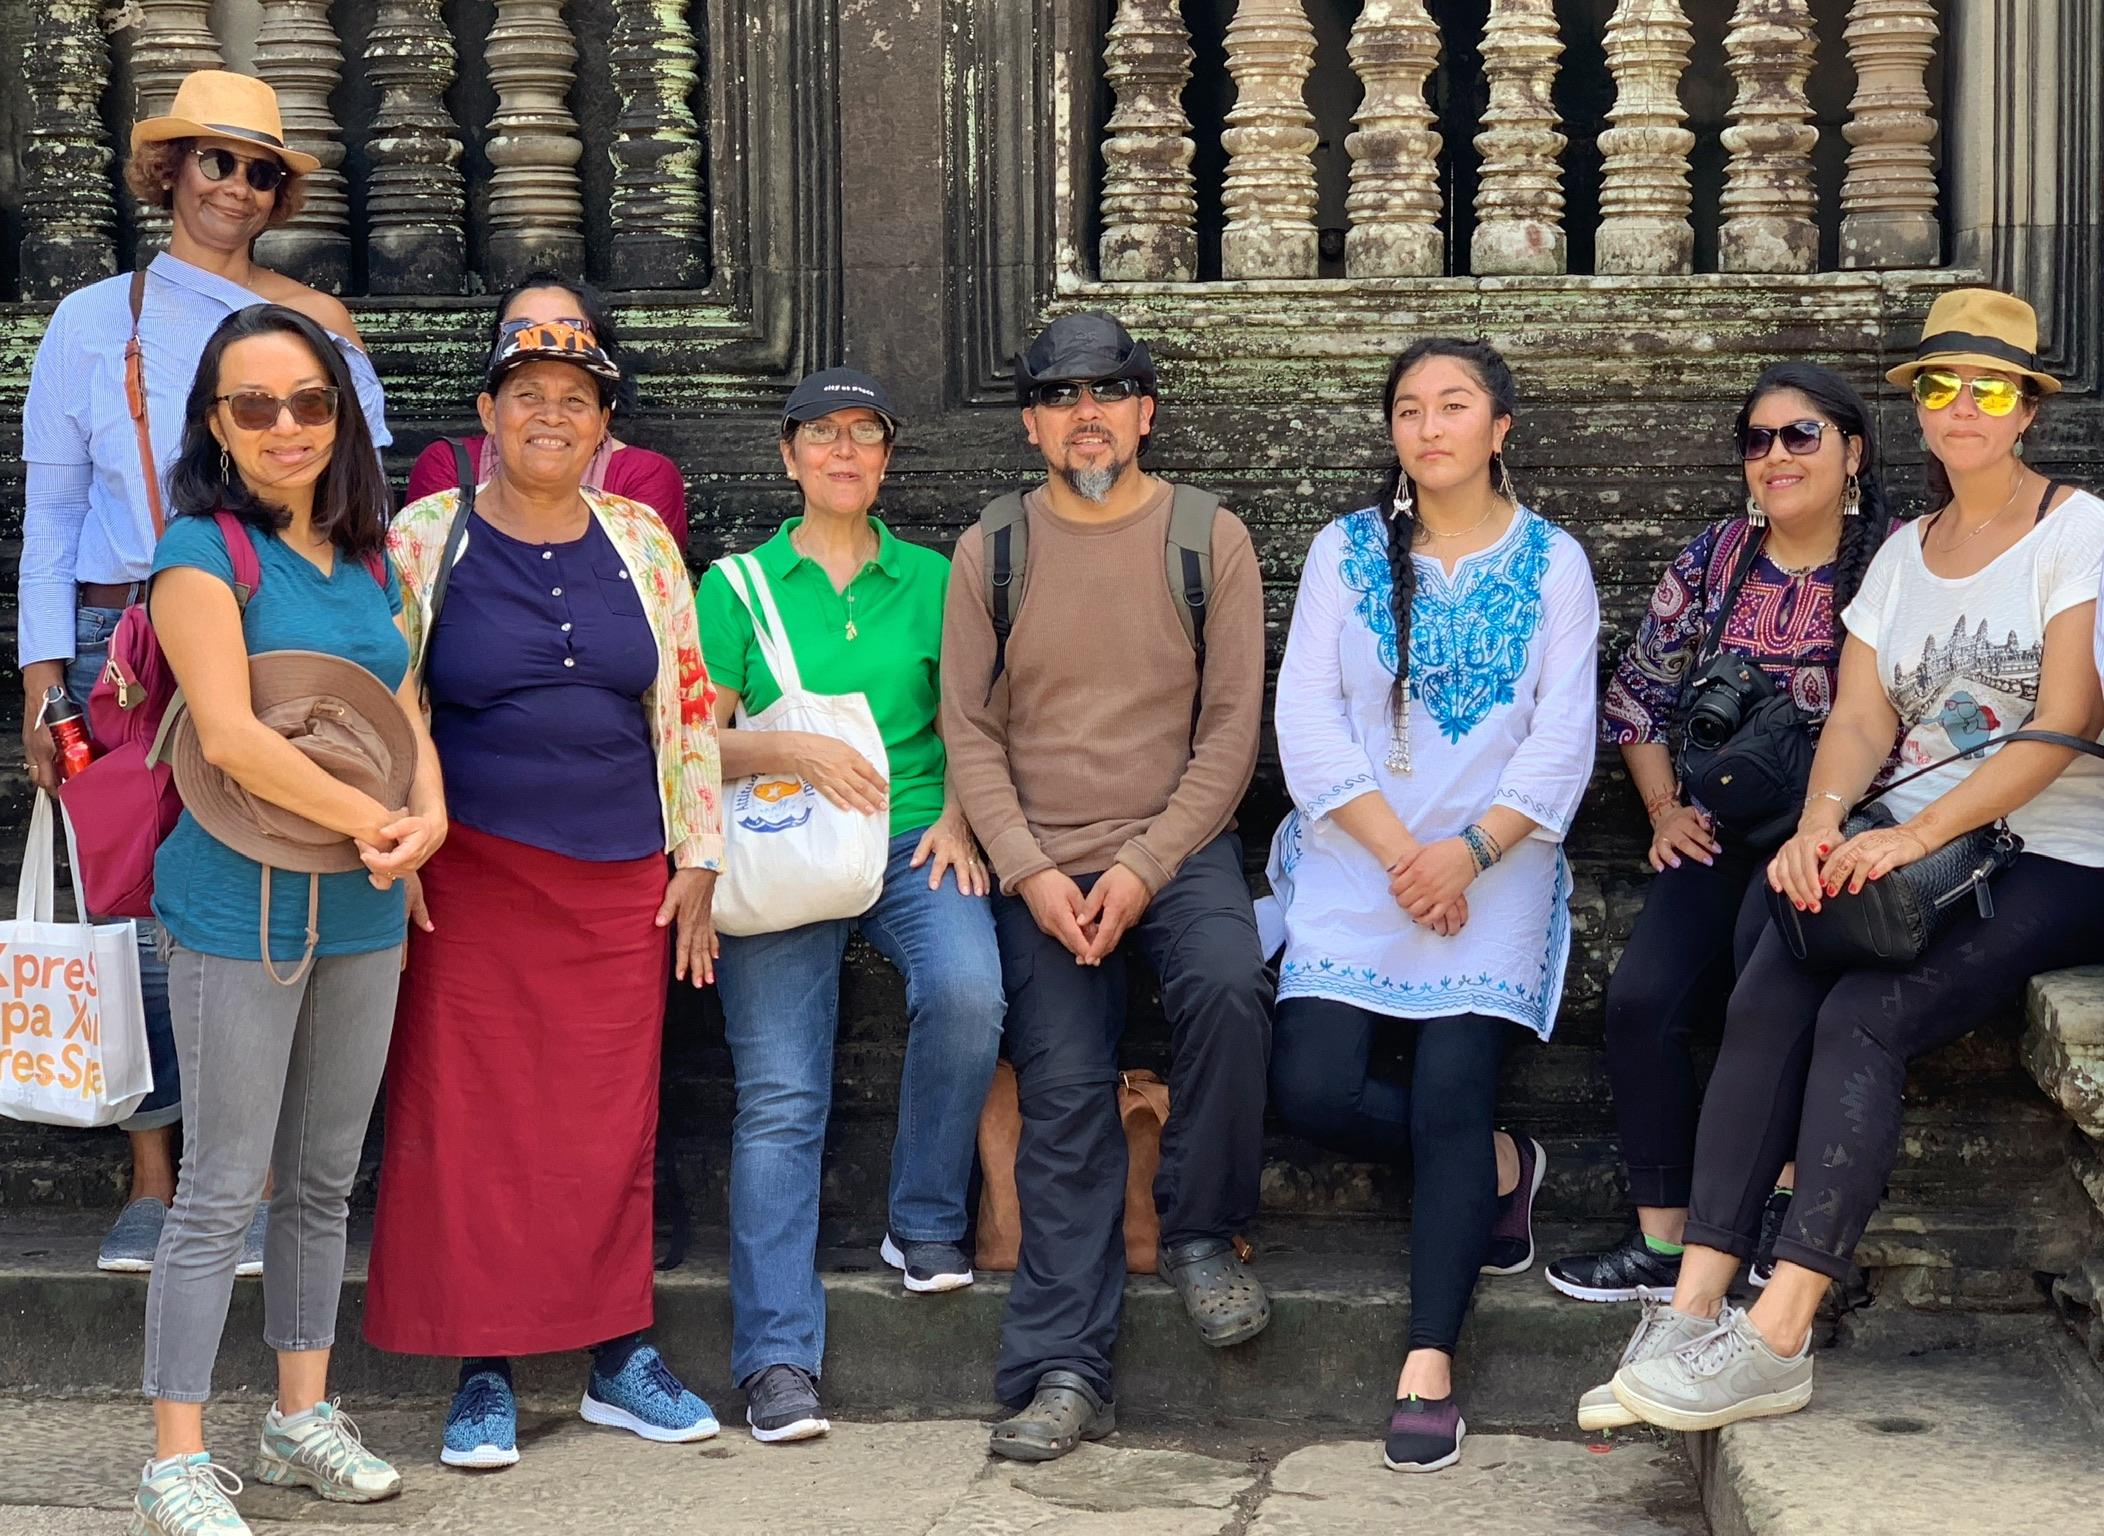 Foto 1.  La delegación a Camboya con miembros de la comunidad mapuche de Llaguepulli: Fernando Quilaqueo (centro), Kelv Painefil   (a su izquierda) y Fresia Painefil (segunda desde la derecha), octubre de 2018.